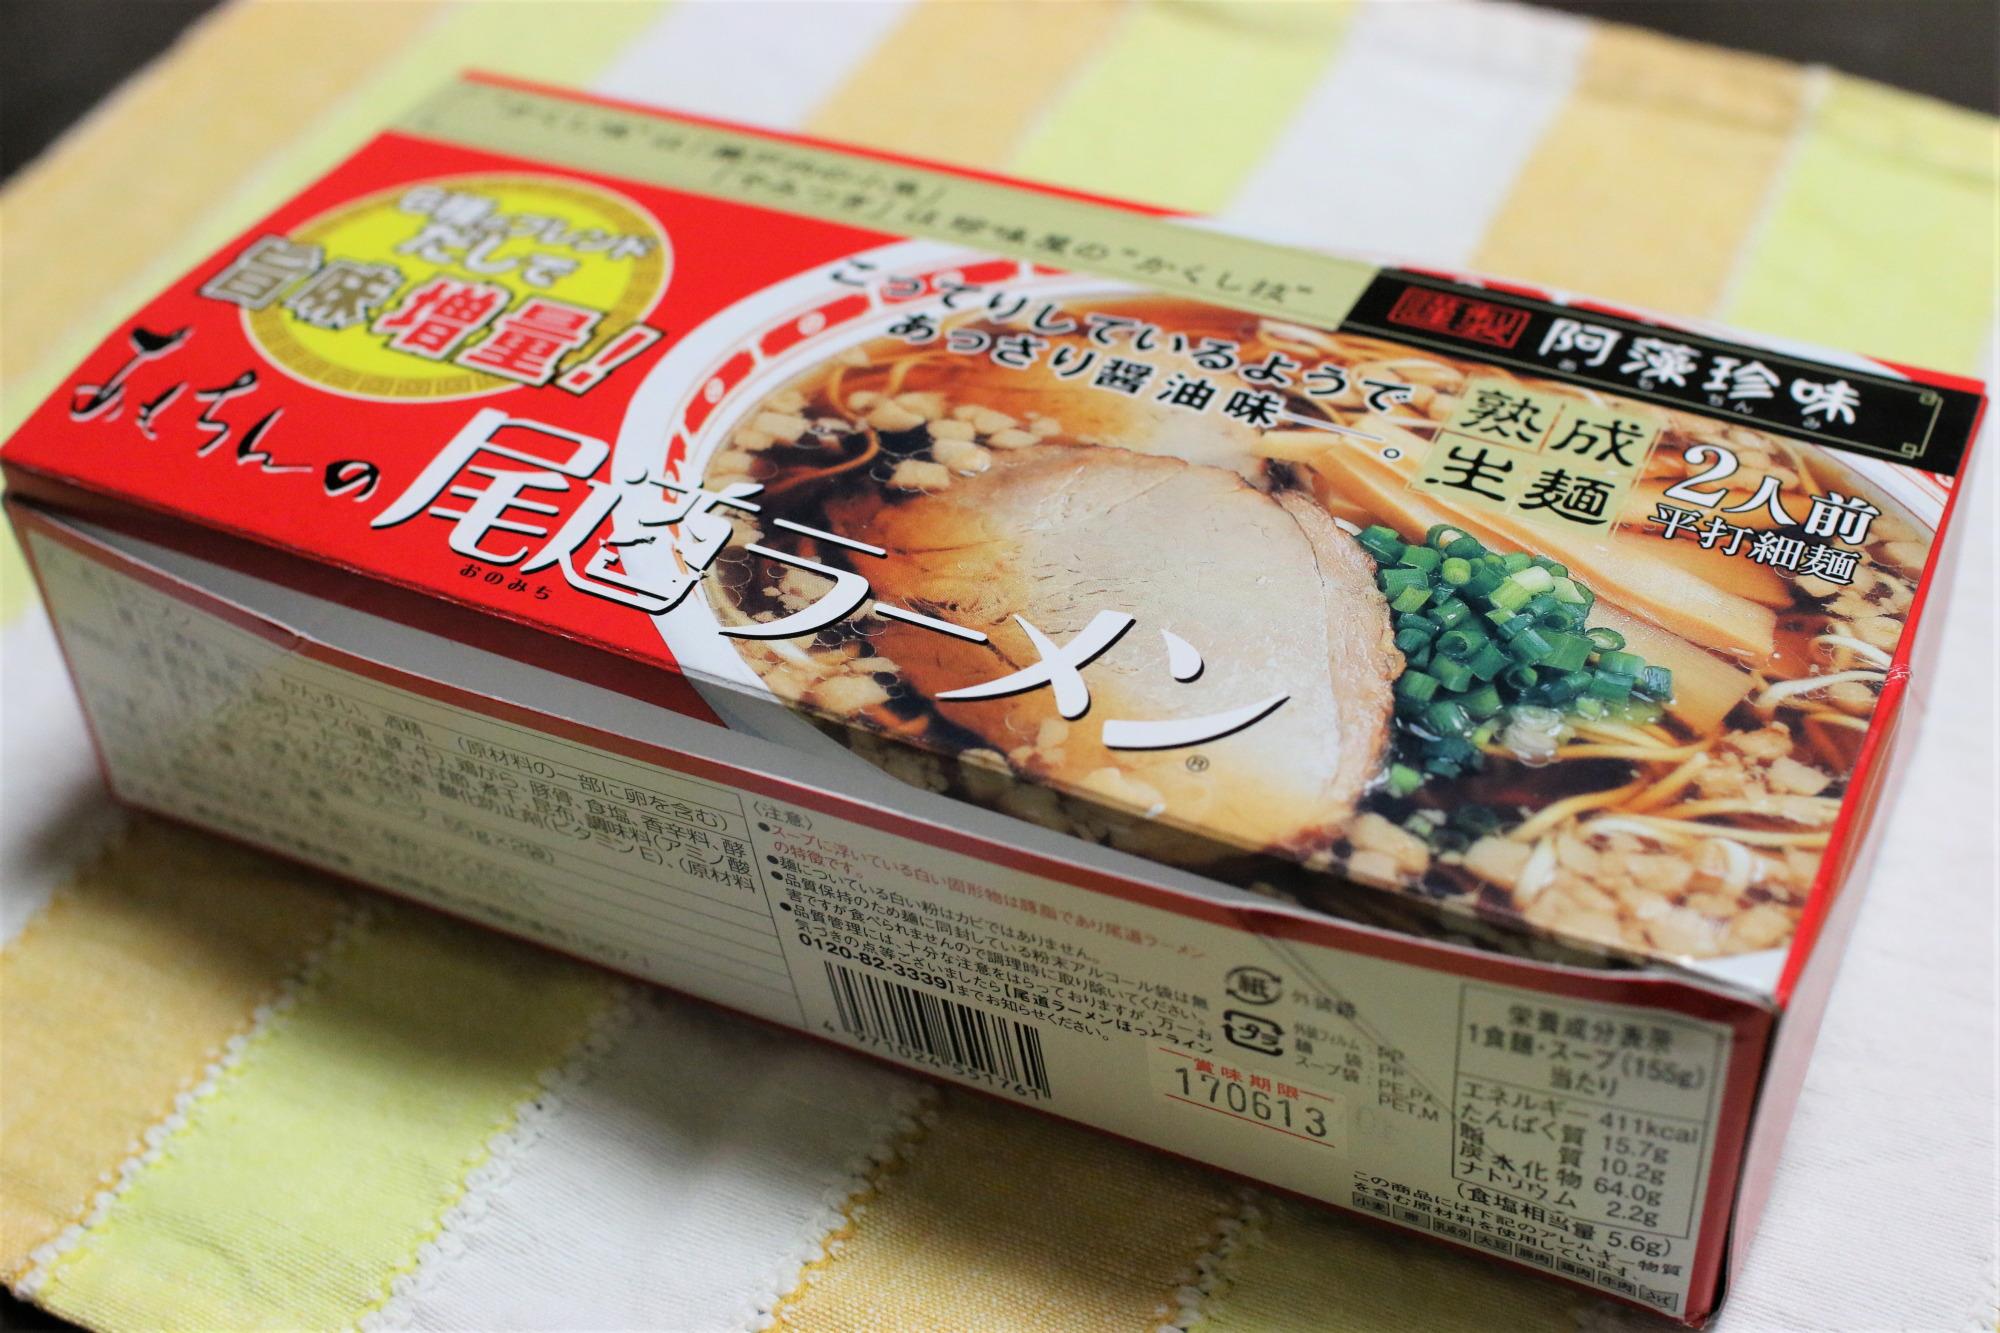 福山にある、あもちんのインスタント(生麺)の尾道ラーメンのパッケージ